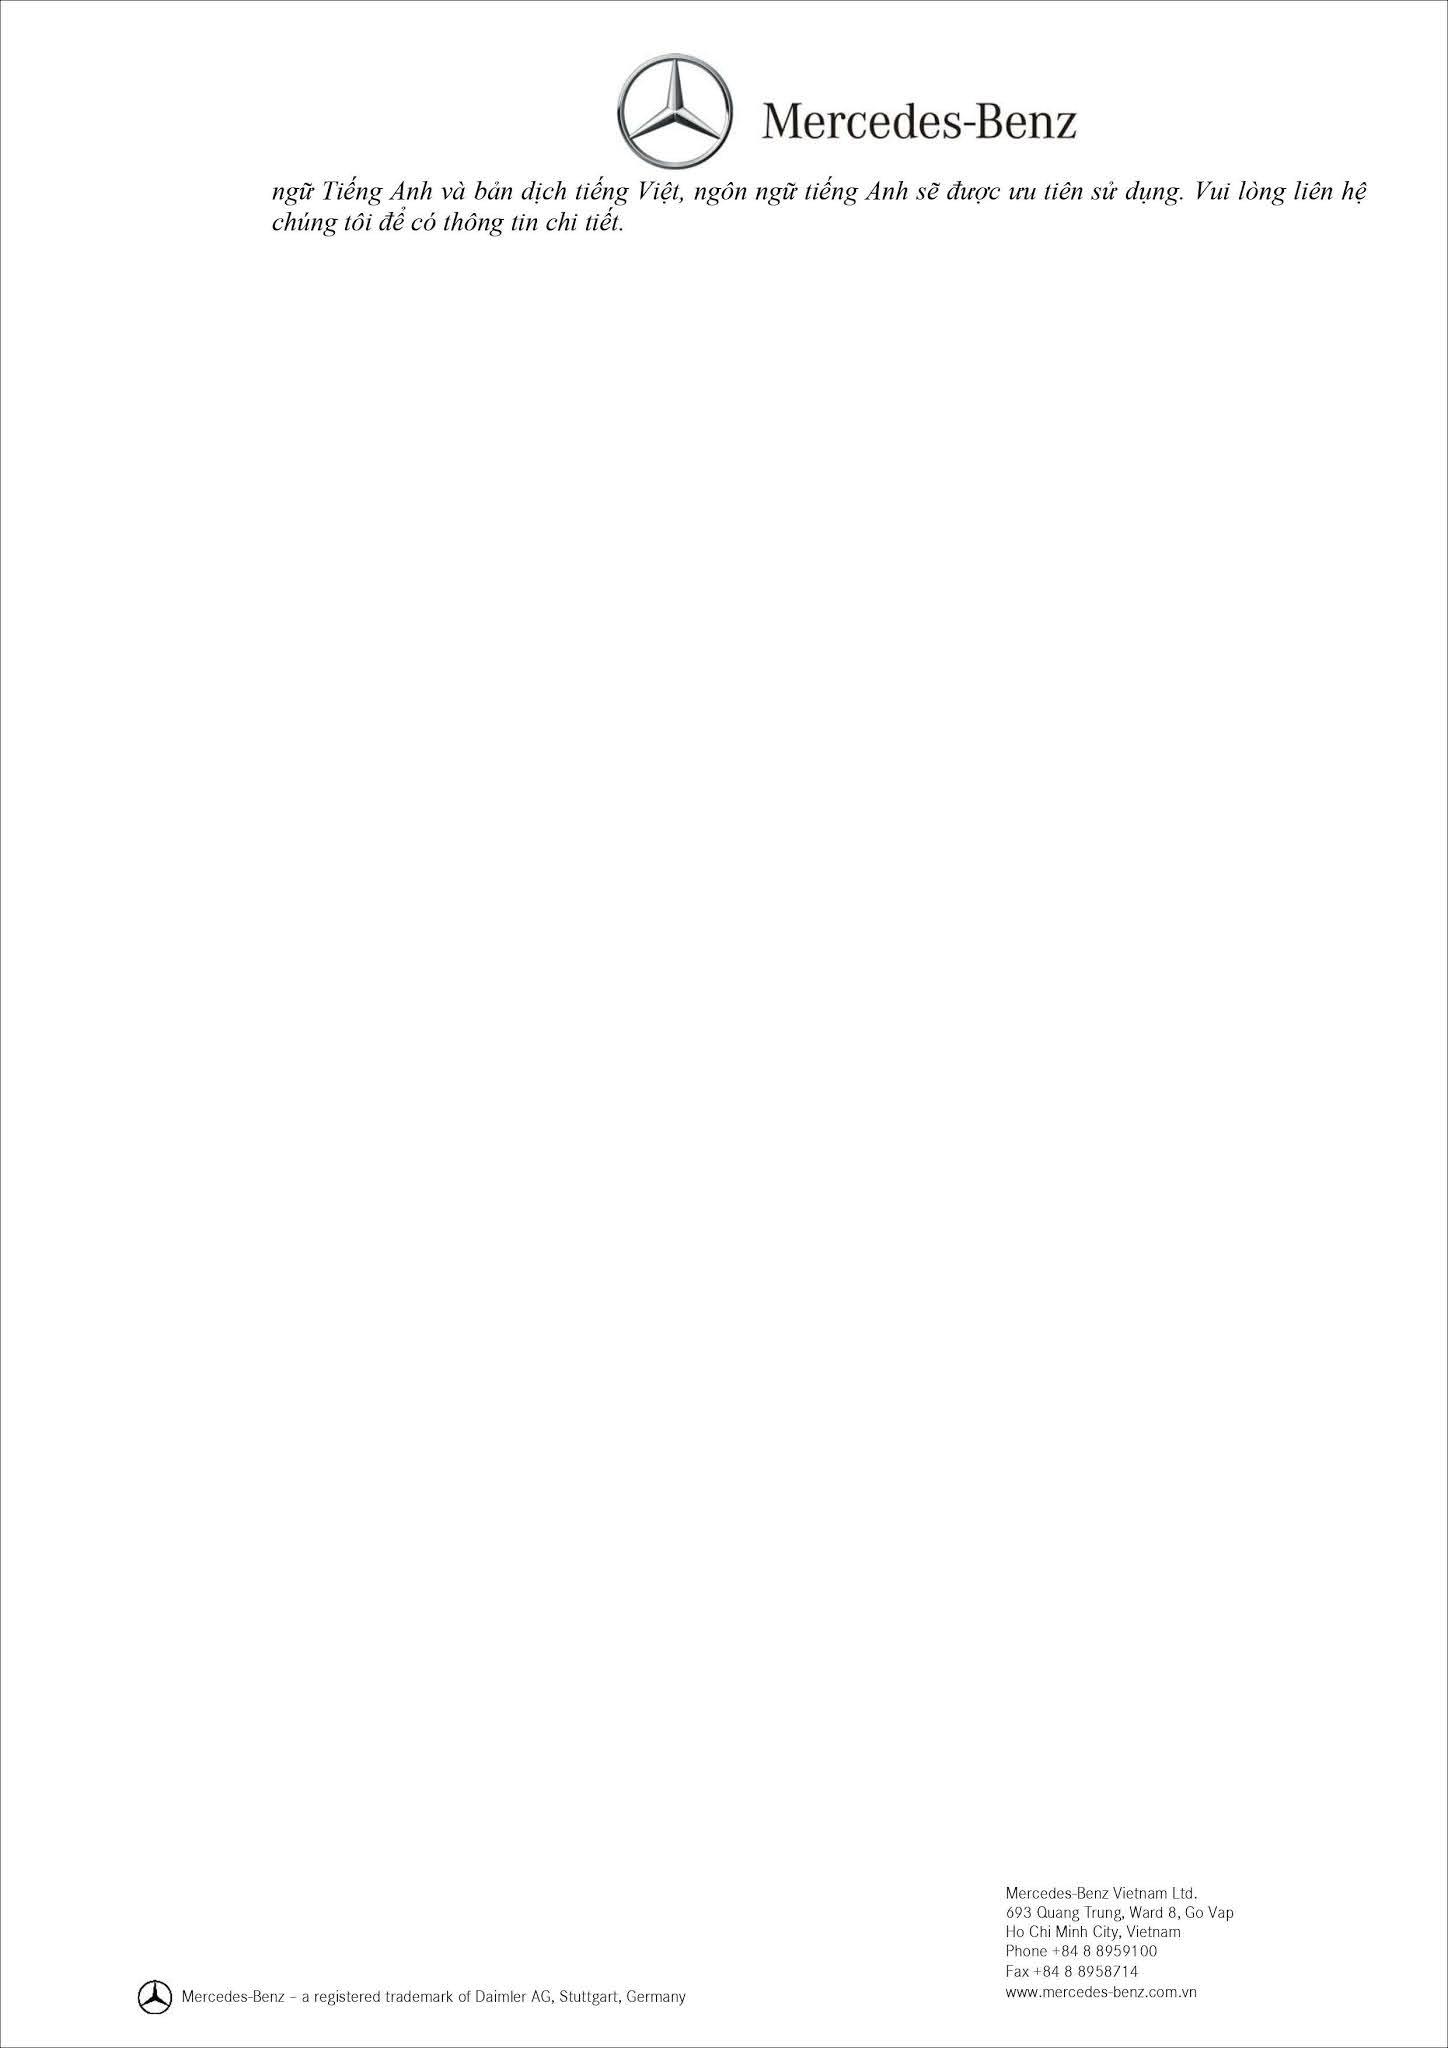 Bảng thông số kỹ thuật Mercedes AMG G63 2021